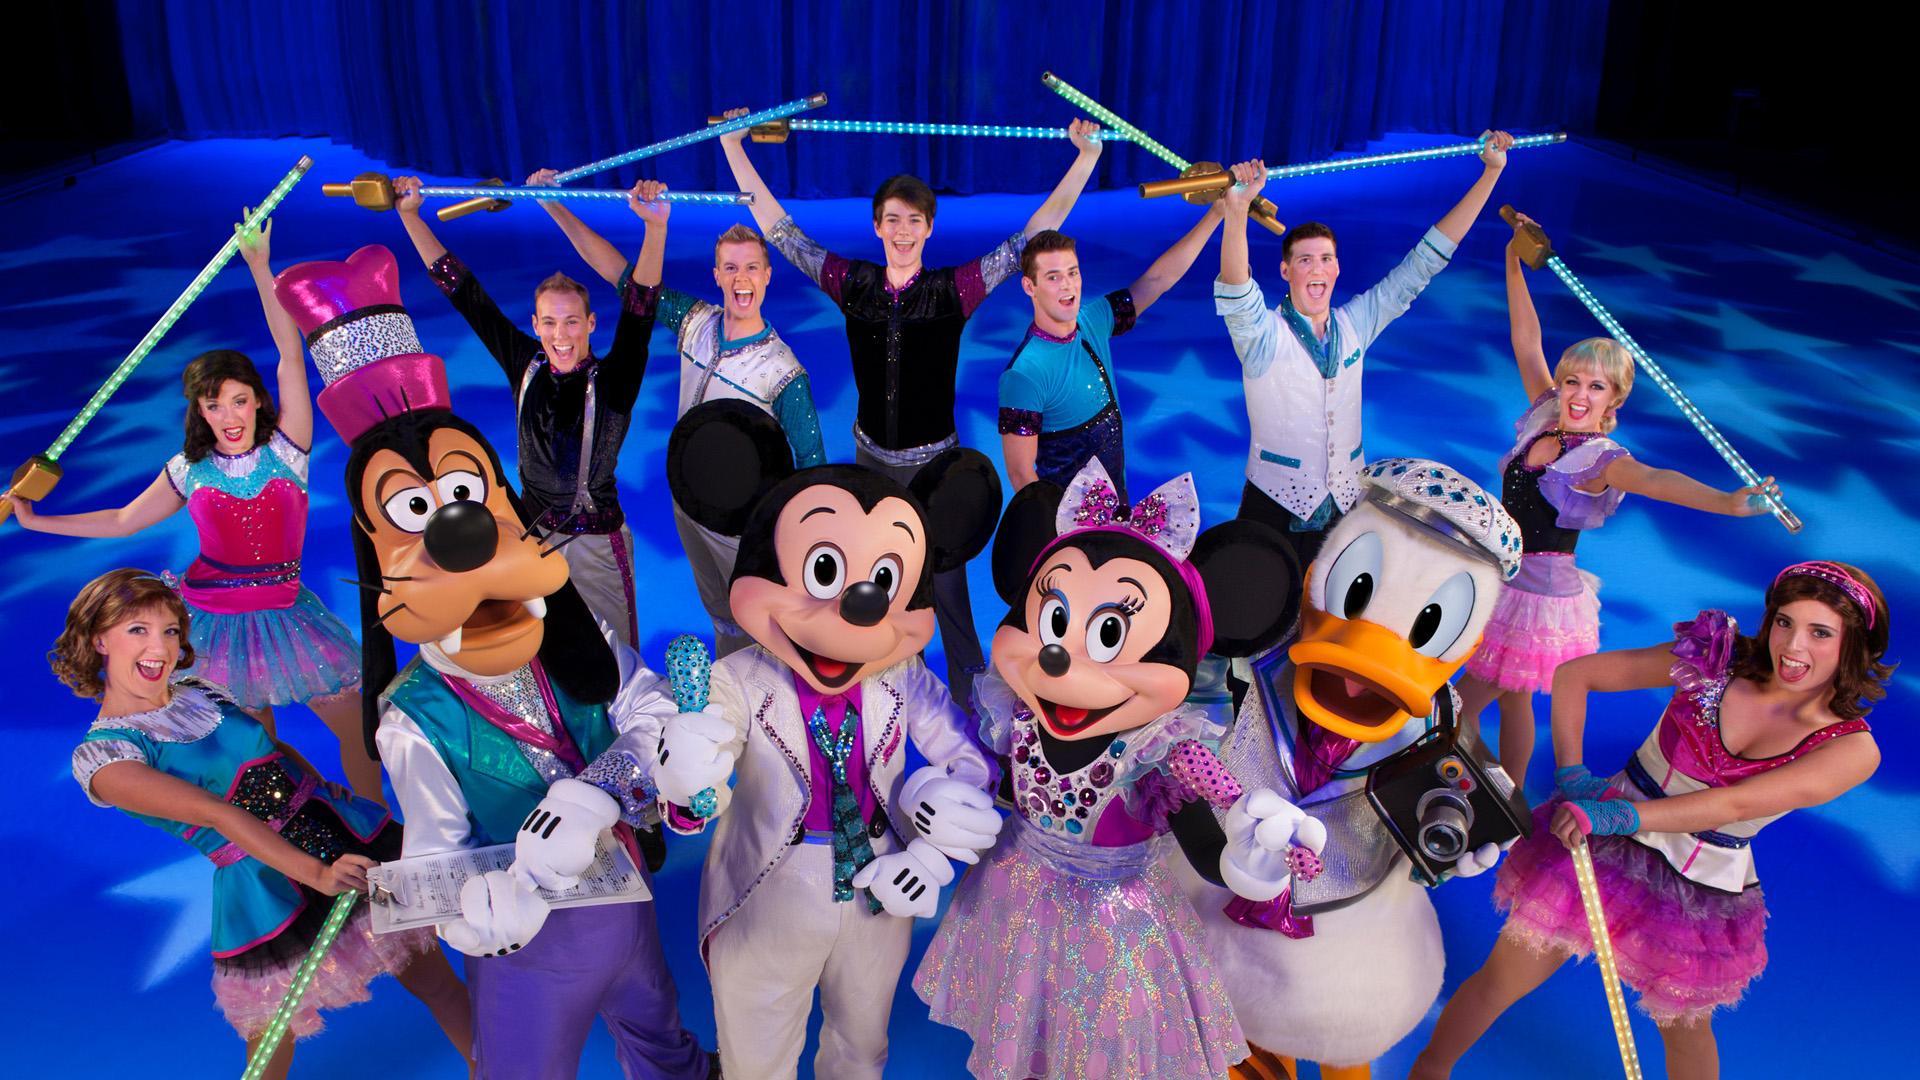 Jong en oud genieten volop bij Disney On Ice in Ahoy